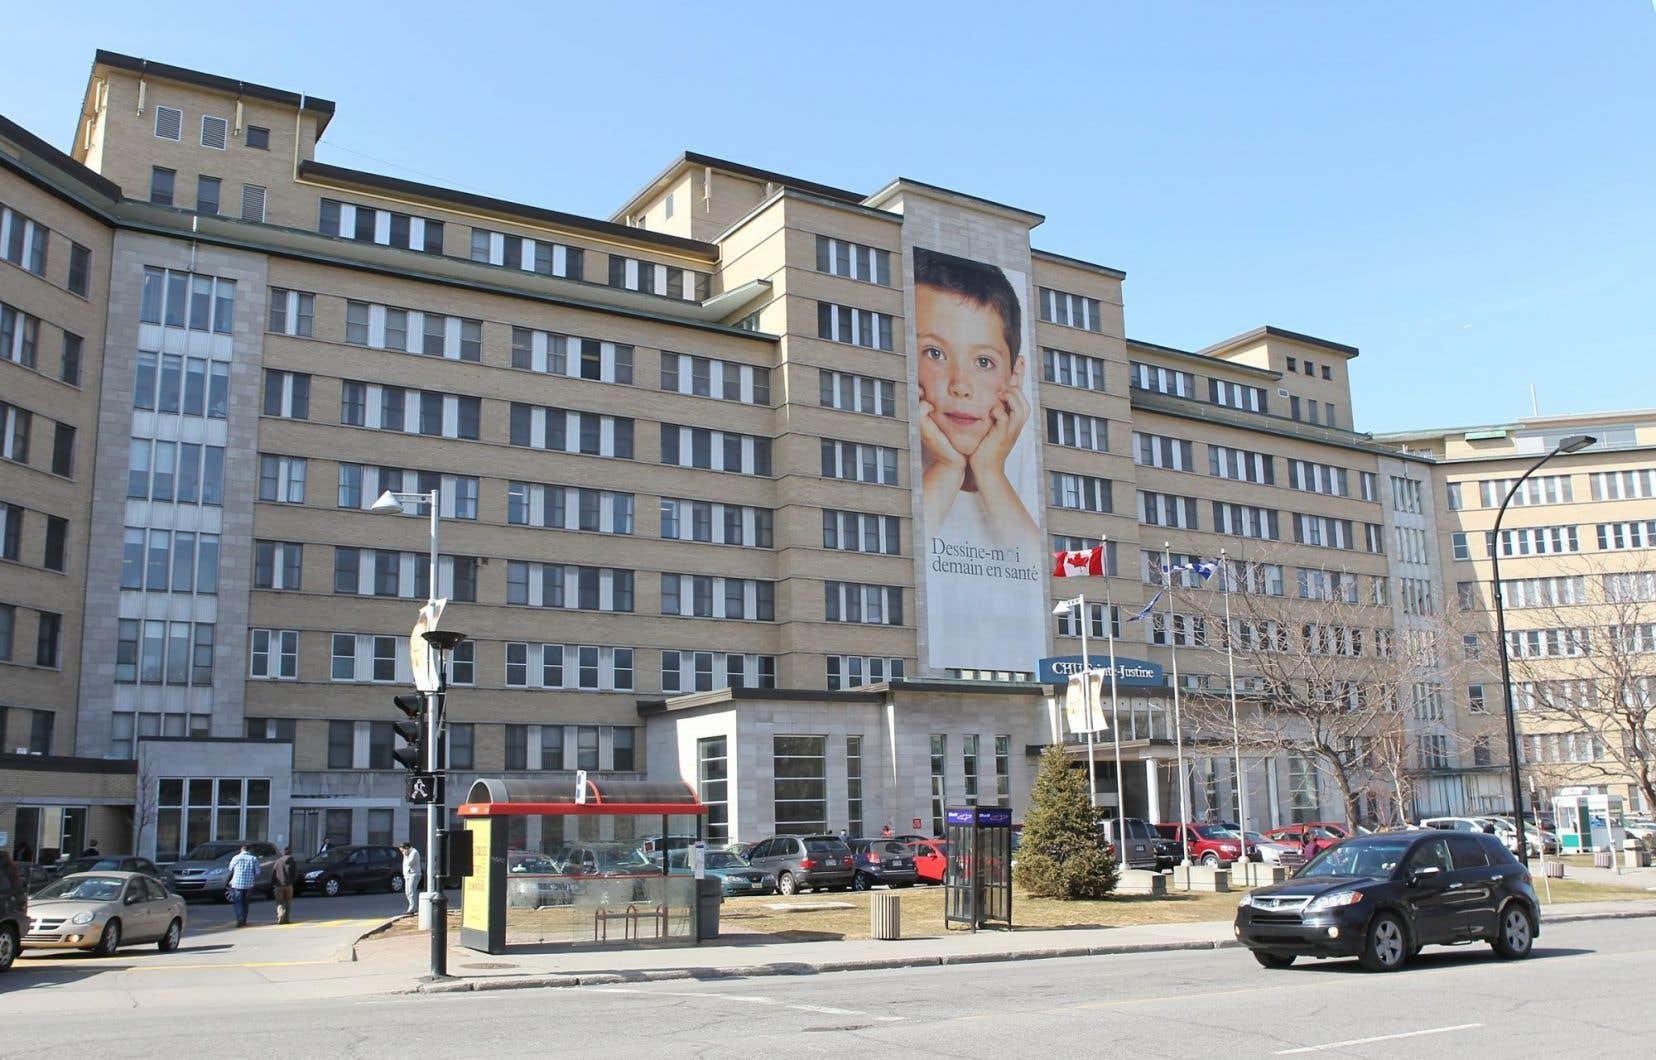 Ainsi, en douceur, sans débat ou discussion, l'hôpital Sainte-Justine fut «regroupé» avec le Centre hospitalier de l'Université de Montréal (CHUM).